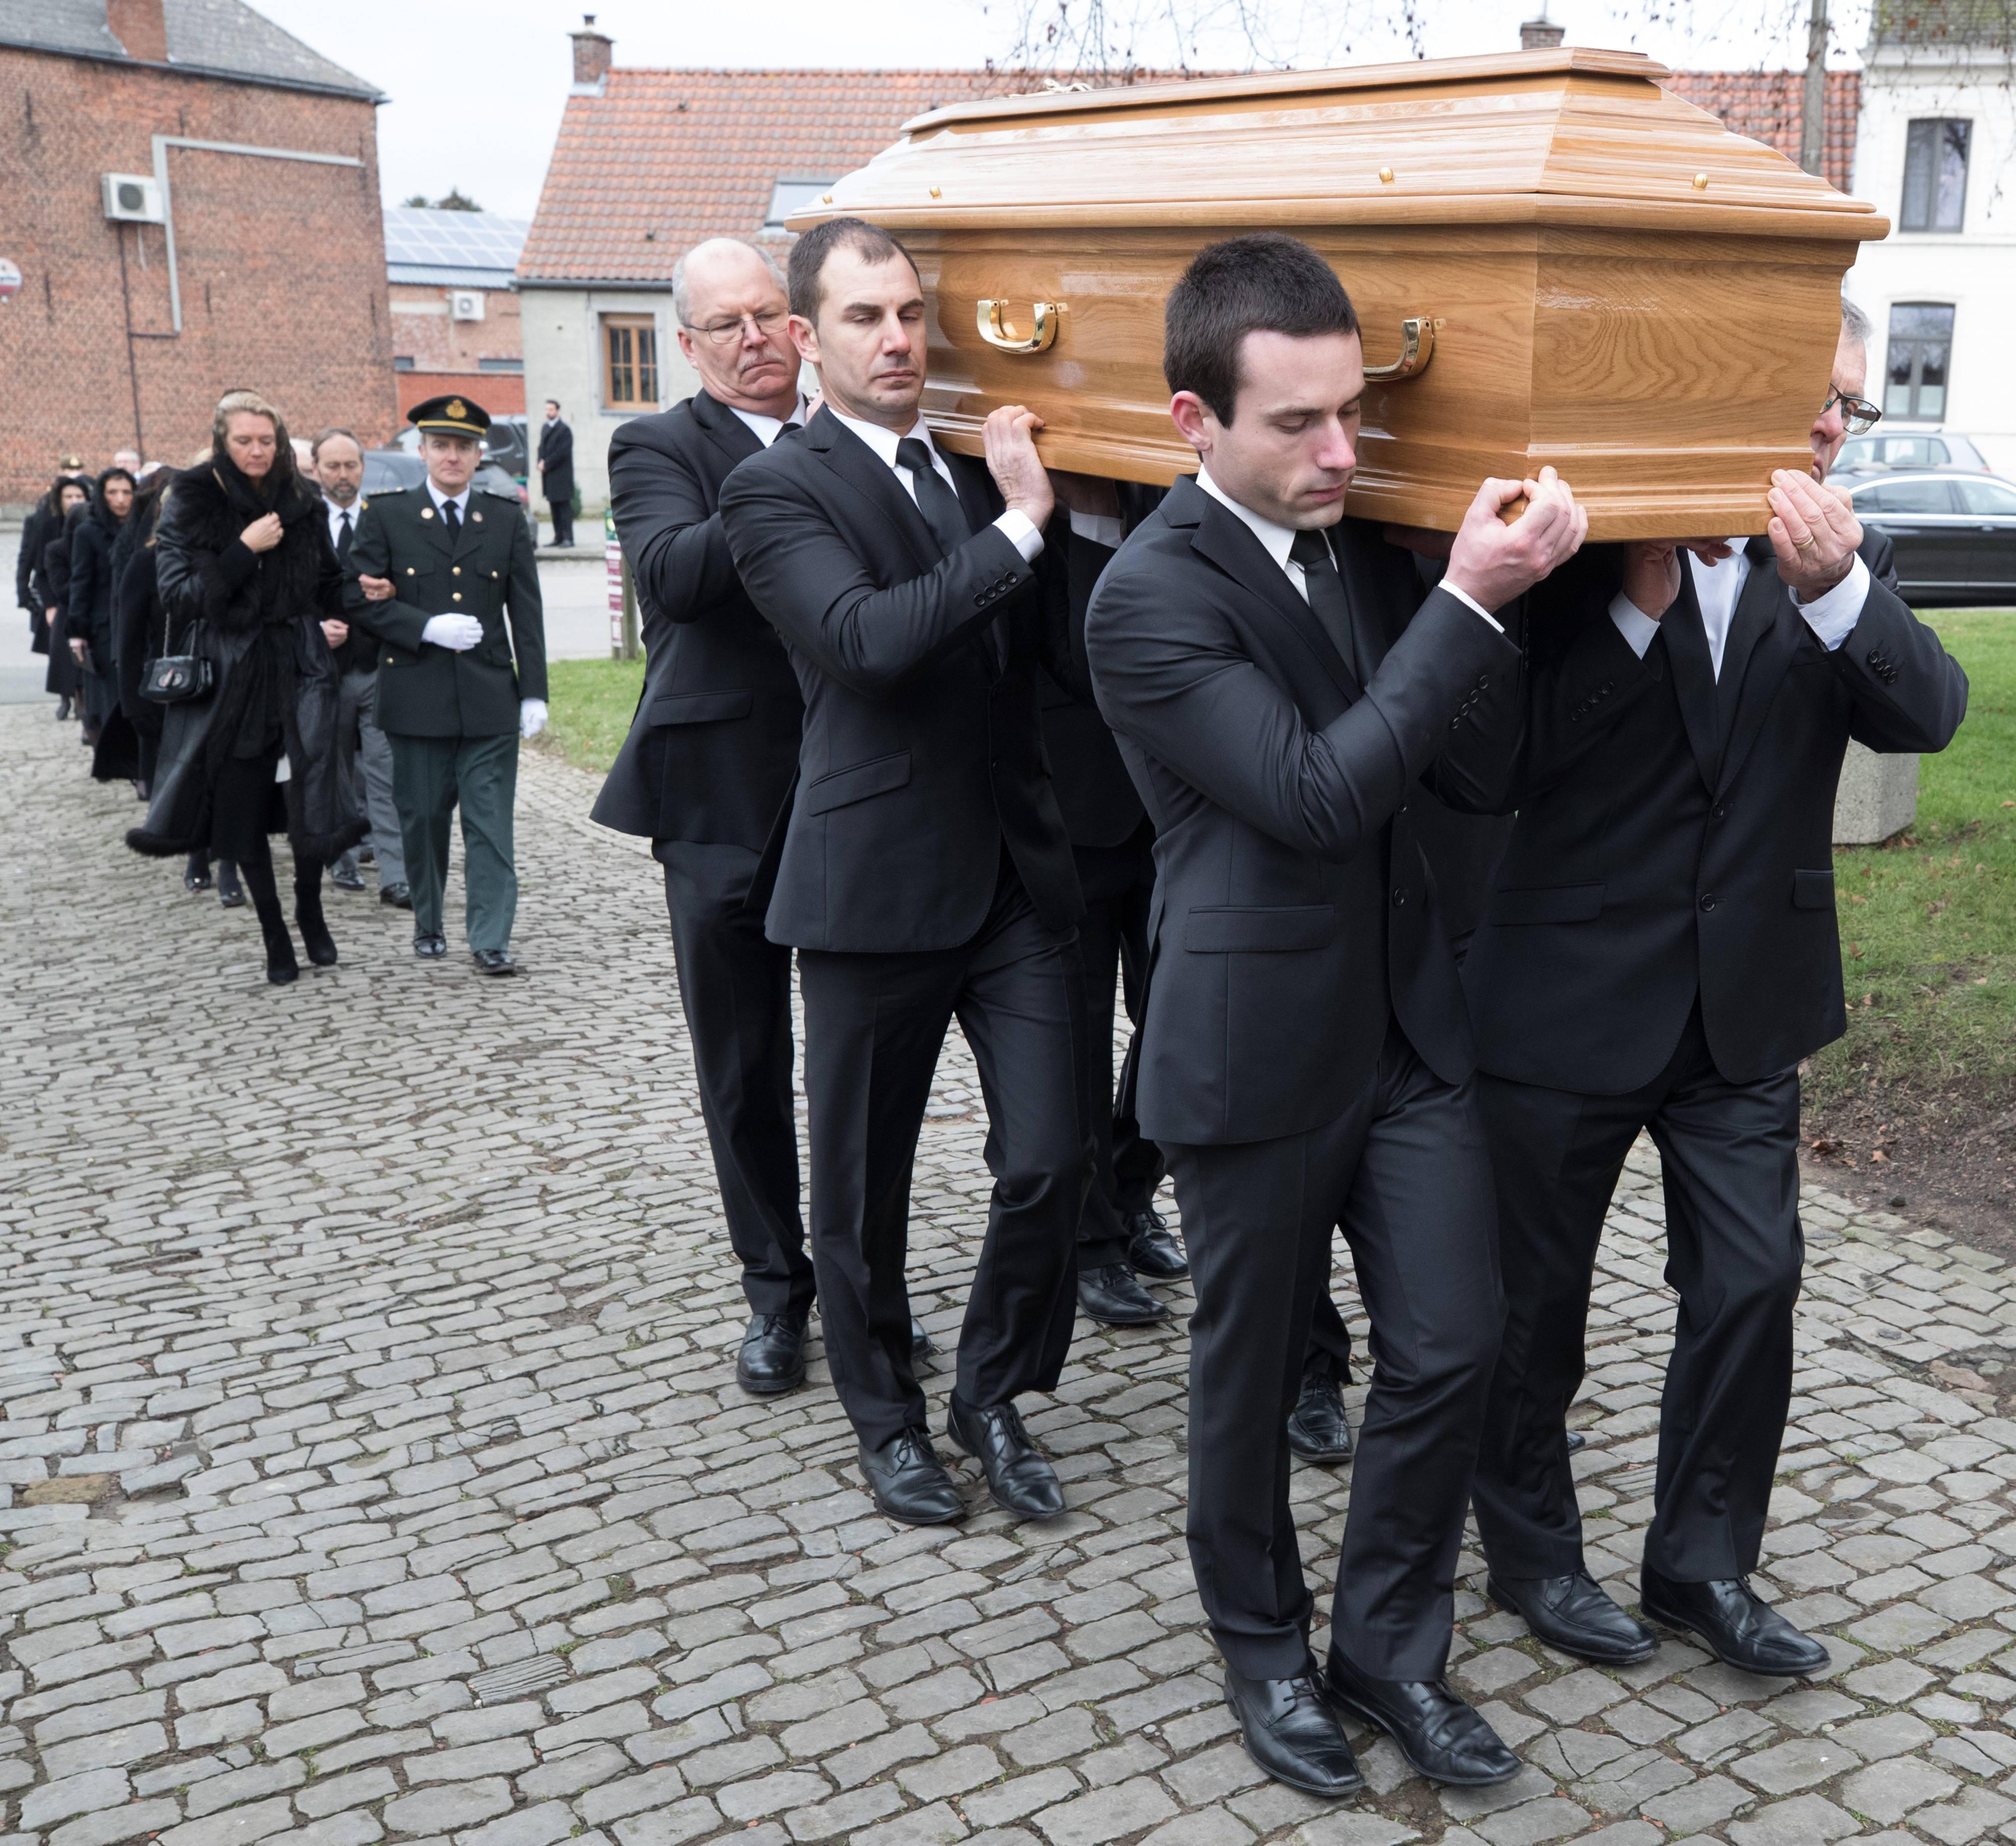 Angehörige geben dem verstorbenen Grafen Philippe de Lannoy das letzte Geleit.